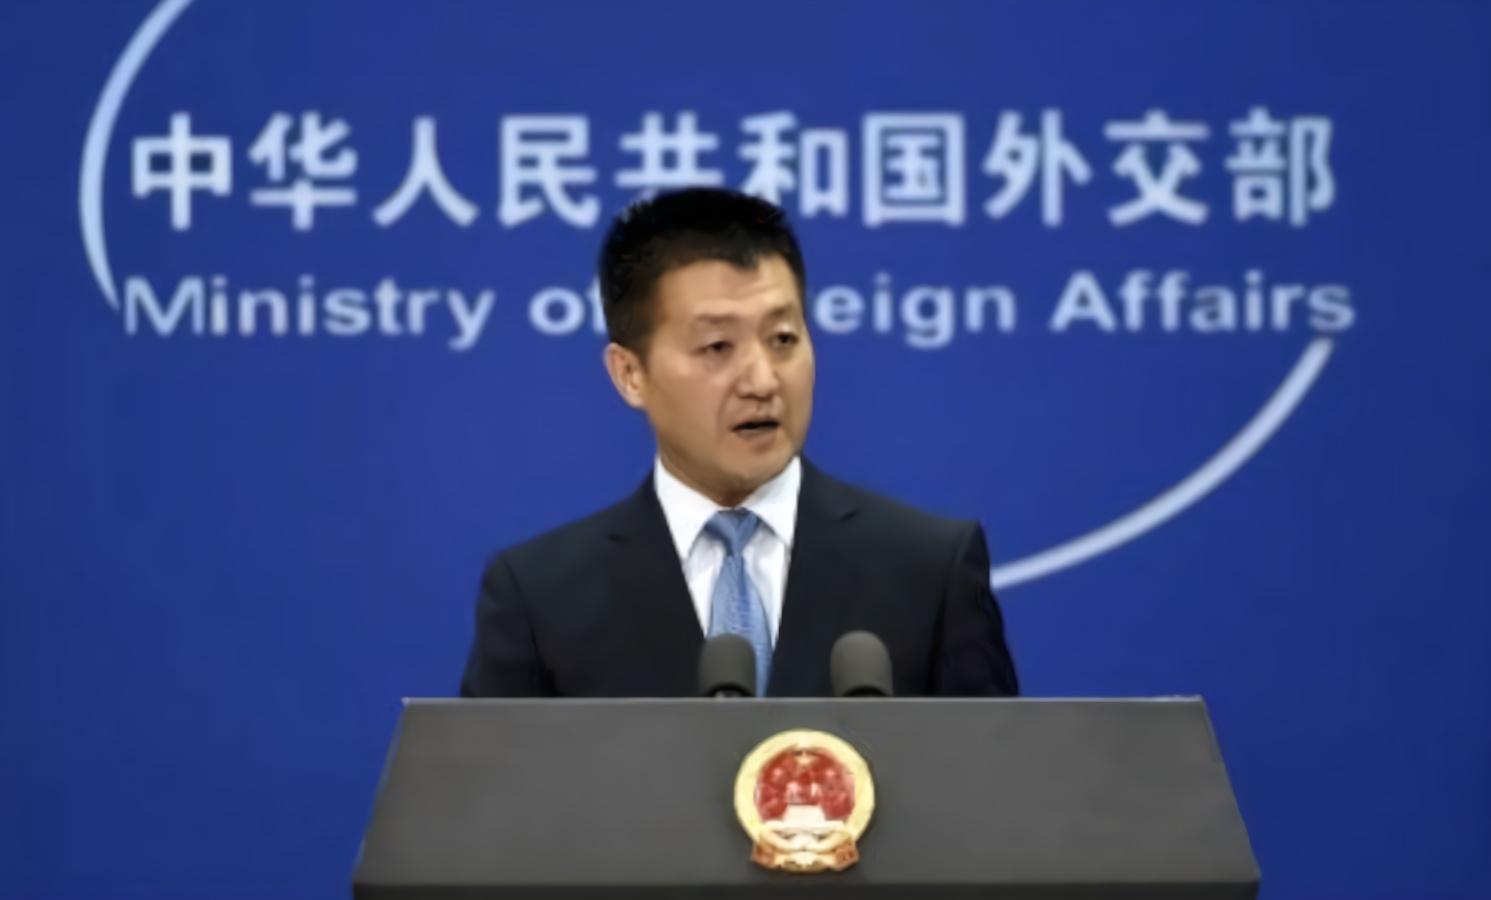 英国首相离任前提及香港问题 陆慷:请醒一醒